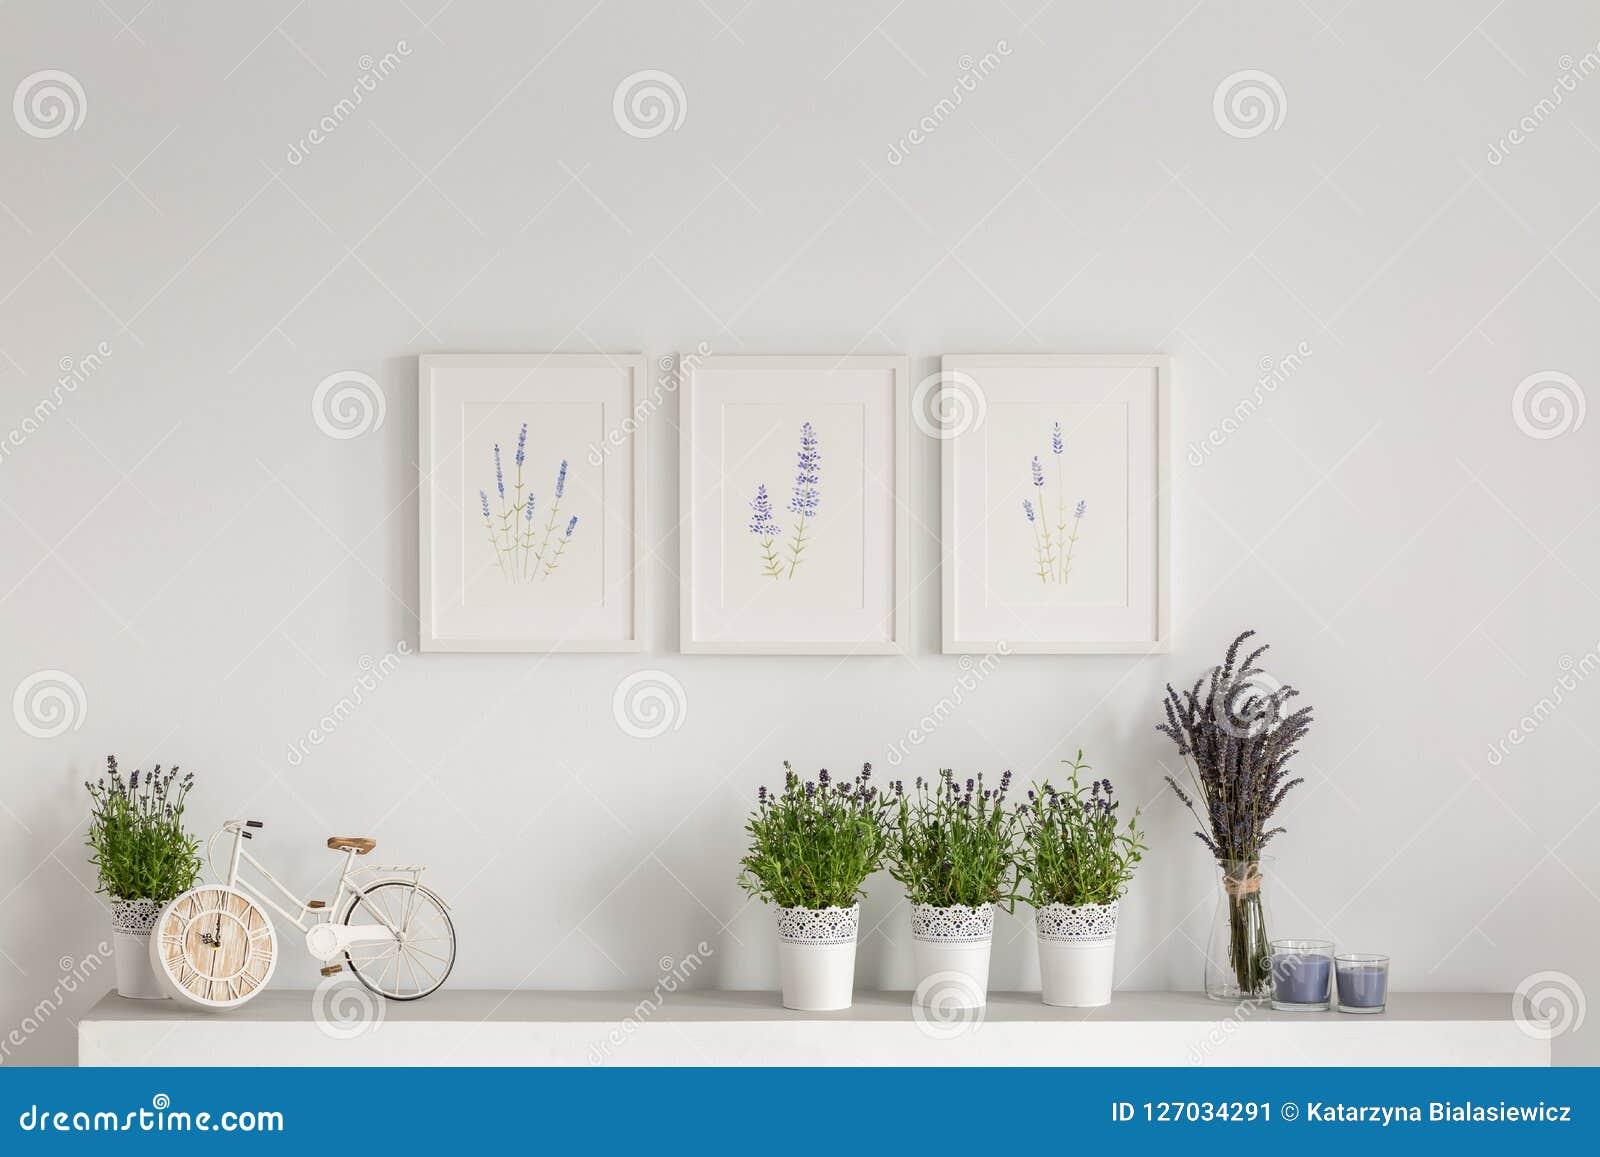 Bloemen op kast tegen witte muur met affiches in minimaal woonkamerbinnenland Echte foto